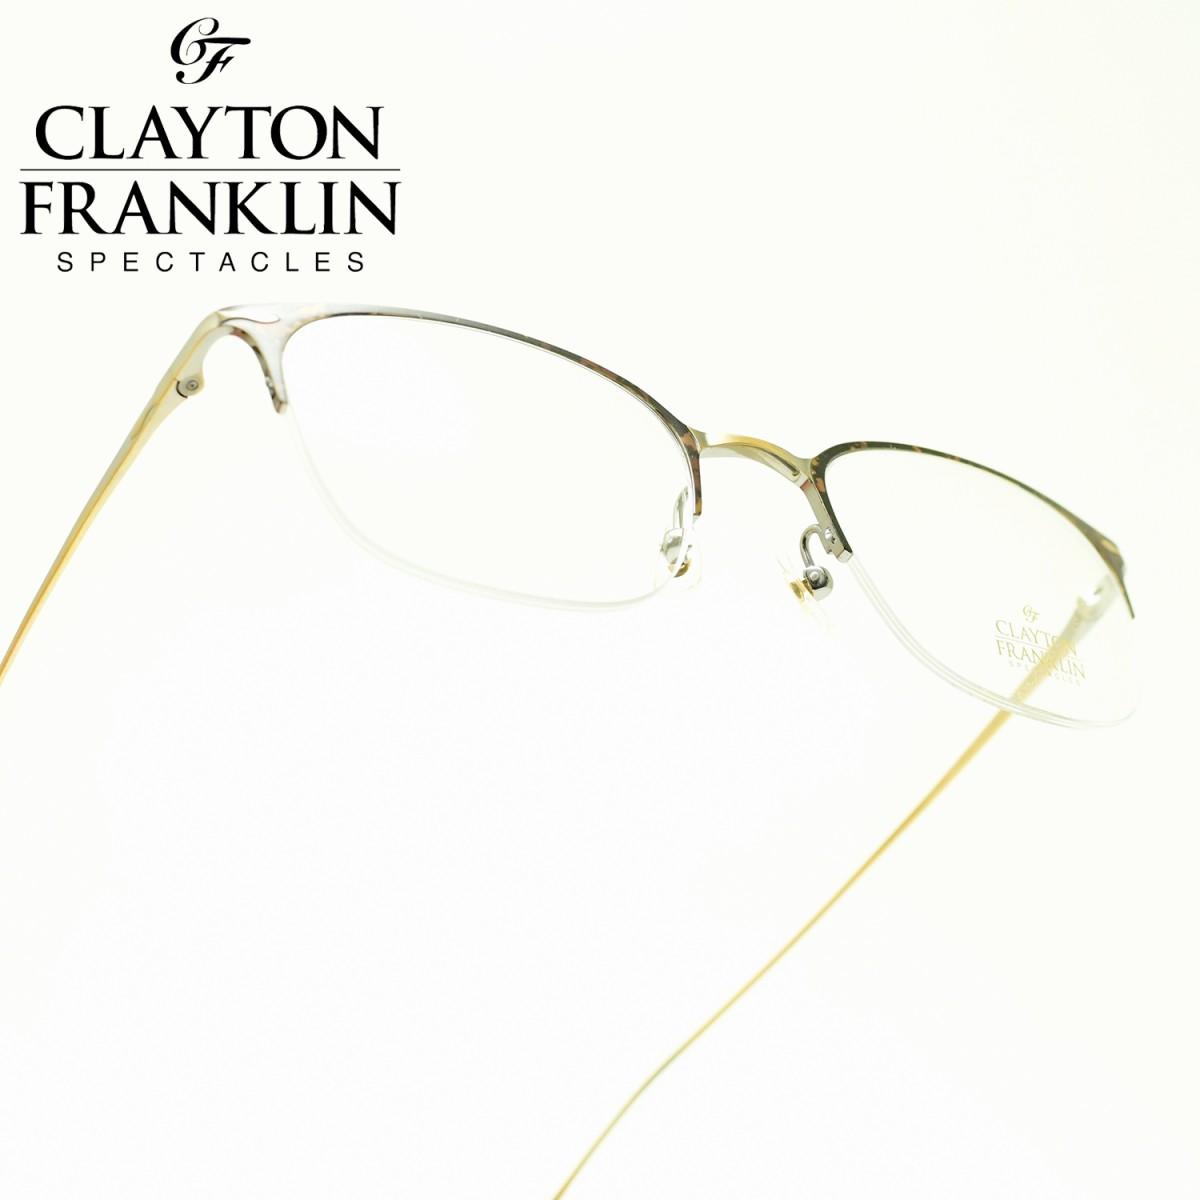 CLAYTON FRANKLIN クレイトンフランクリン634 AGP(アンティークゴールド/デモレンズ)メガネ 眼鏡 めがね メンズ レディース おしゃれブランド 人気 おすすめ フレーム 流行り 度付き レンズ